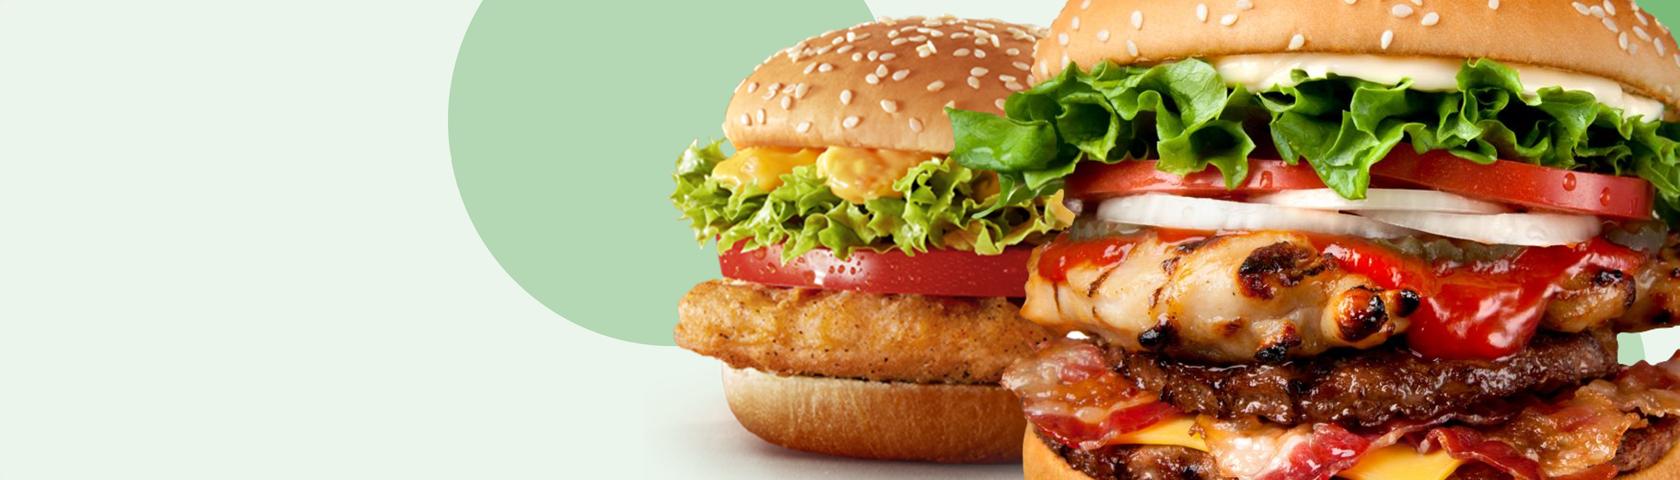 Sezóna burgerů je tu!